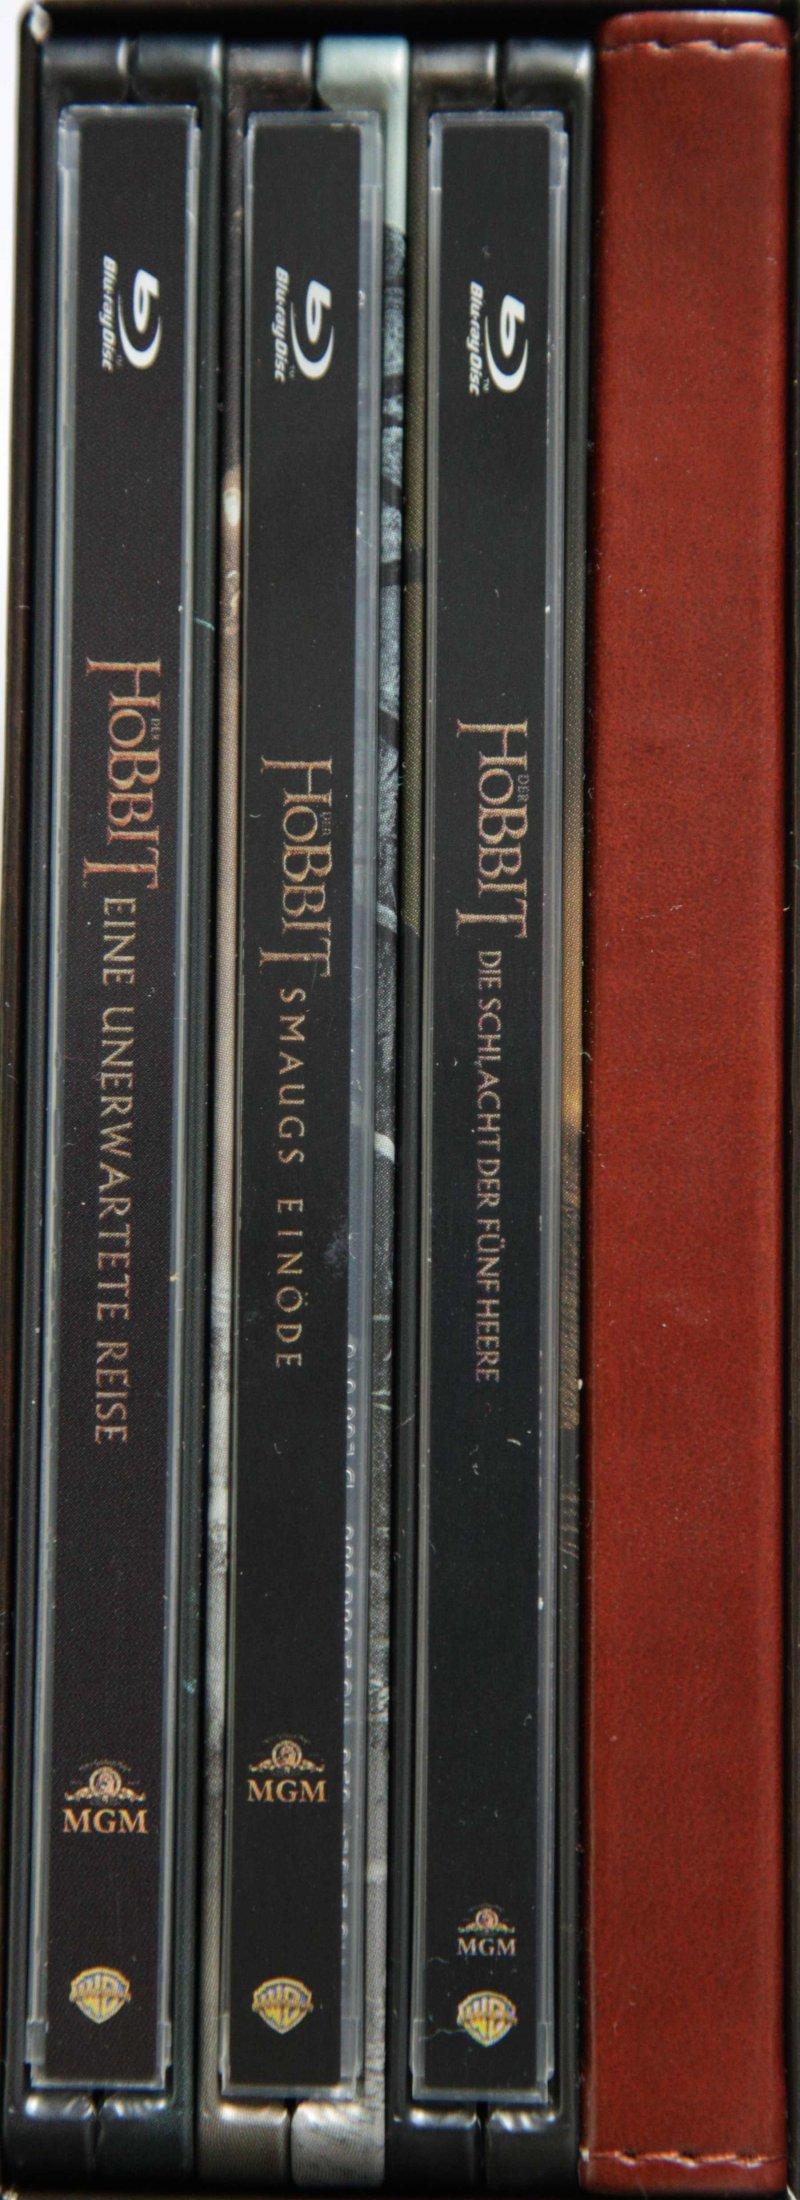 Der Hobbit Trilogie BoxVorderseite